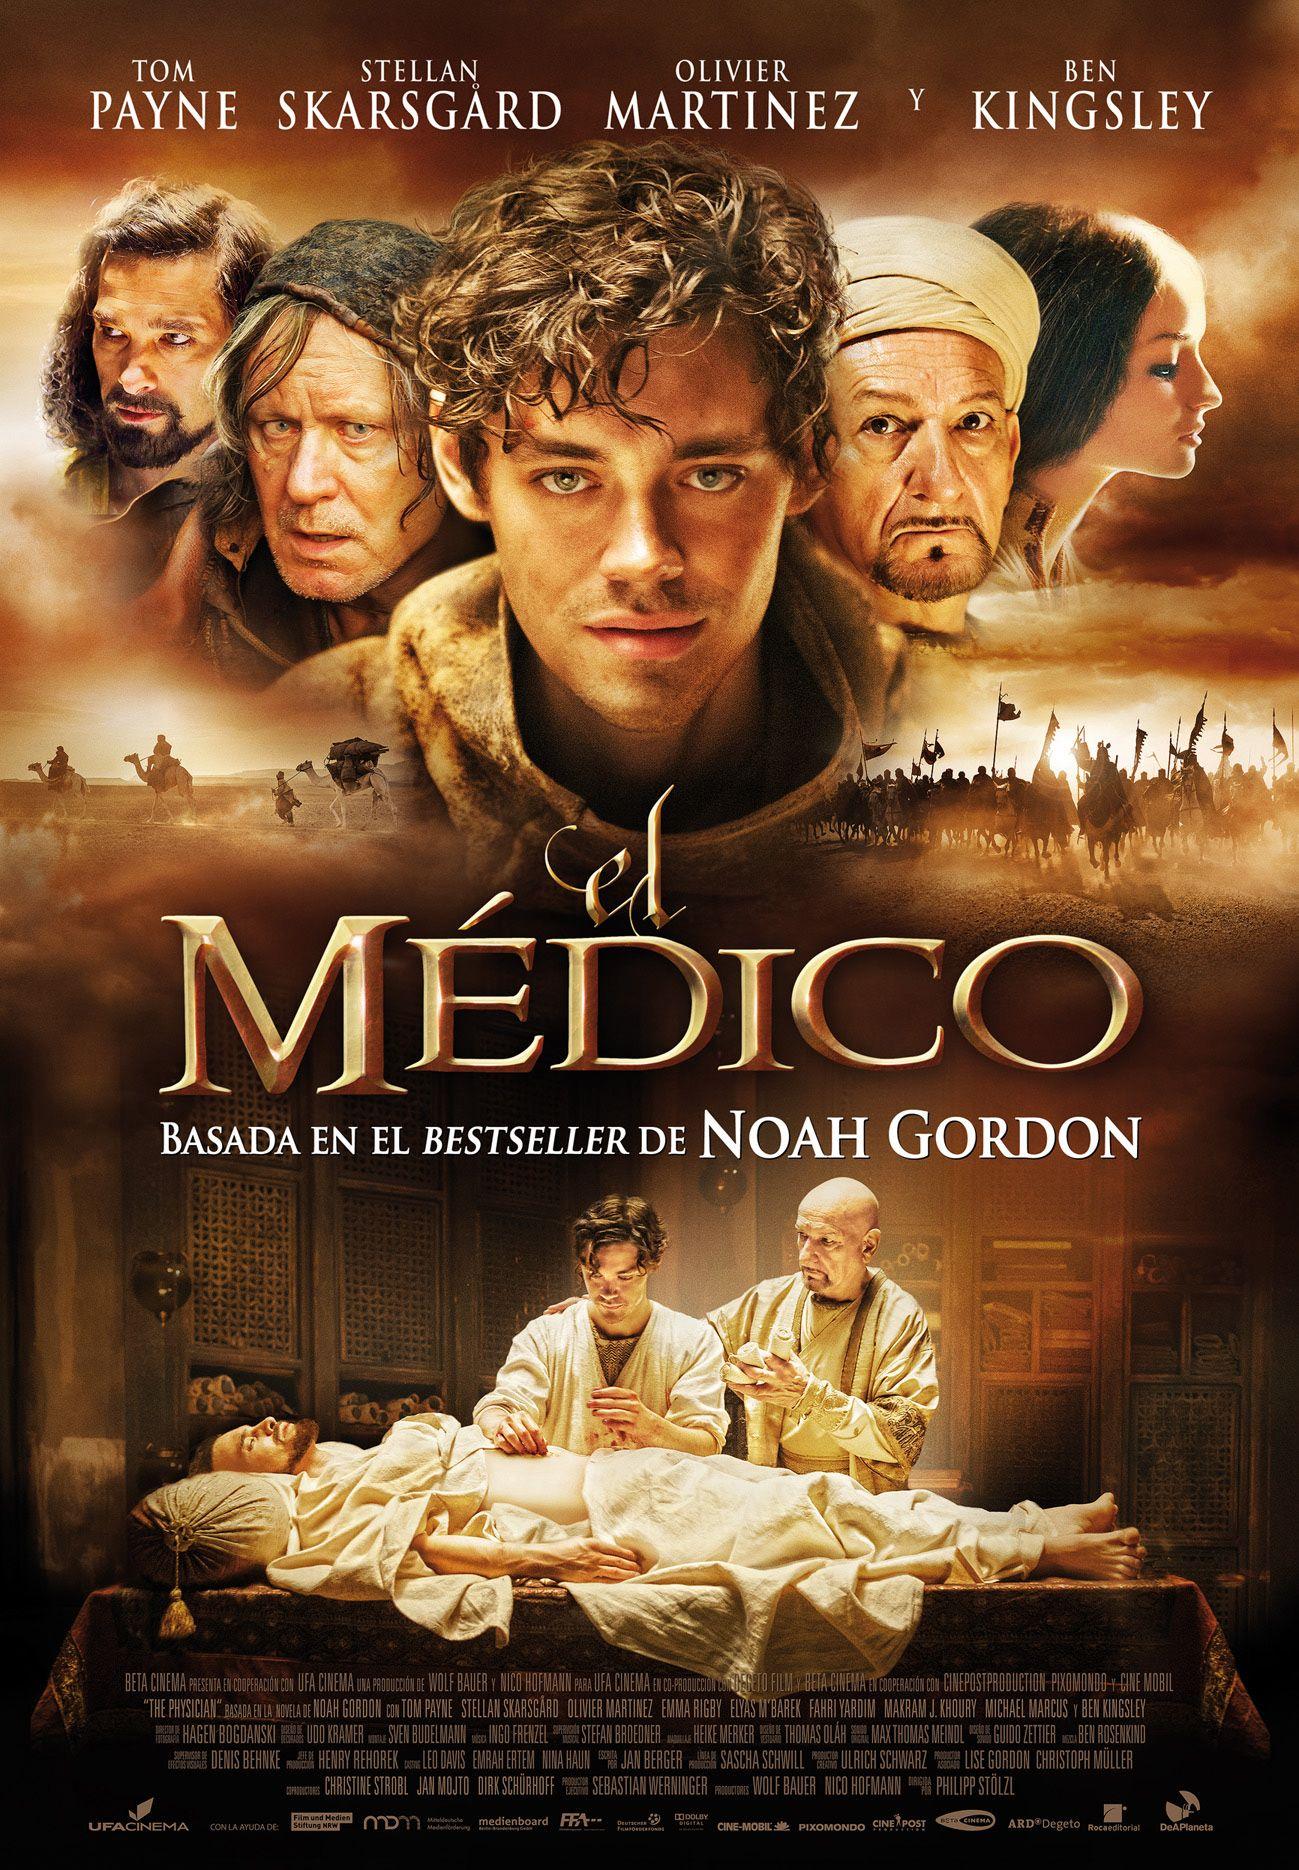 El Médico Vídeo Dvd Dirigida Por Philipp Stölzl Peliculas En Español Peliculas Peliculas En Castellano